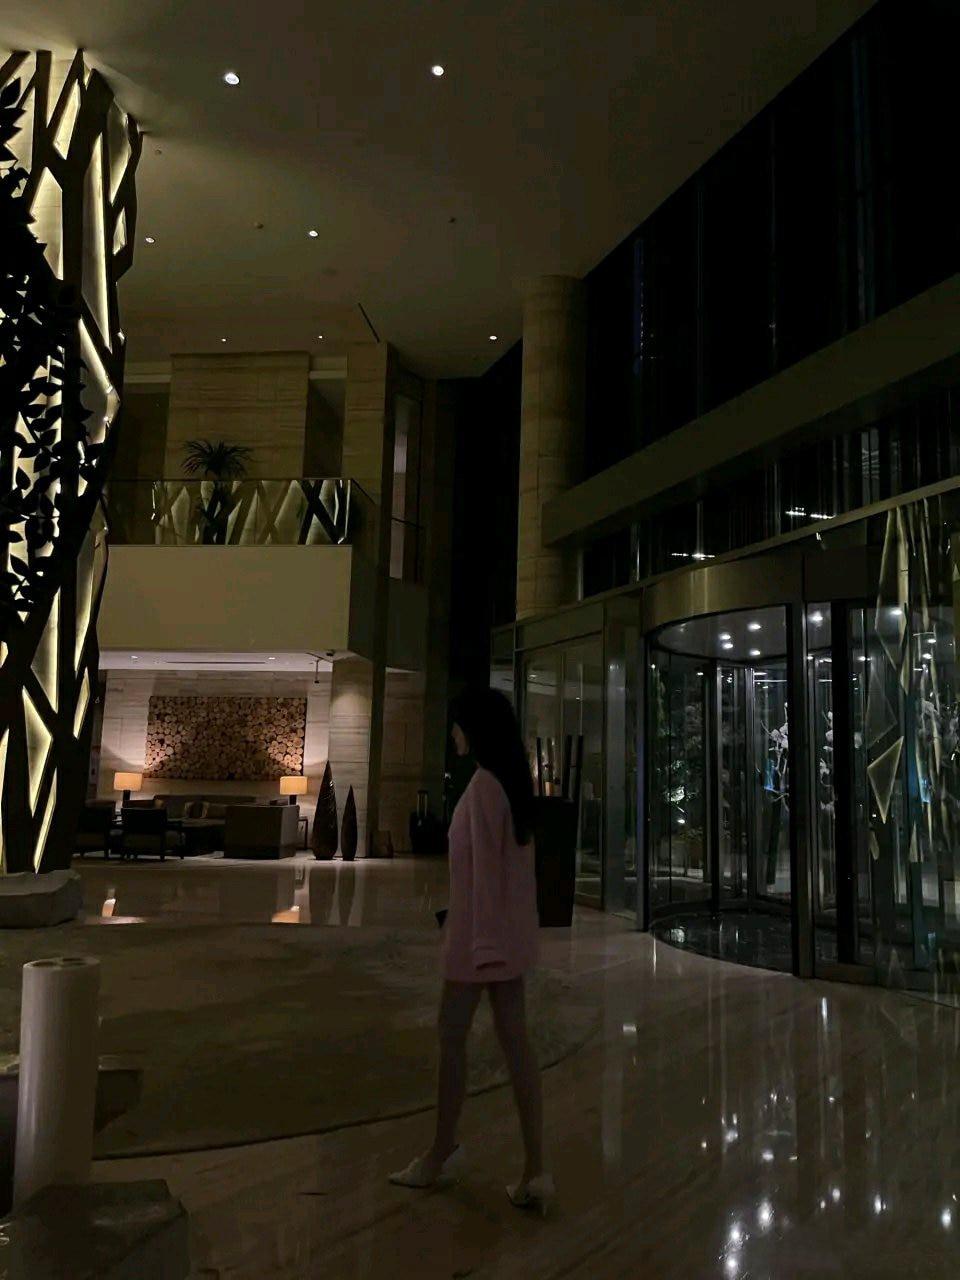 如何看待五一高级酒店的女大学生